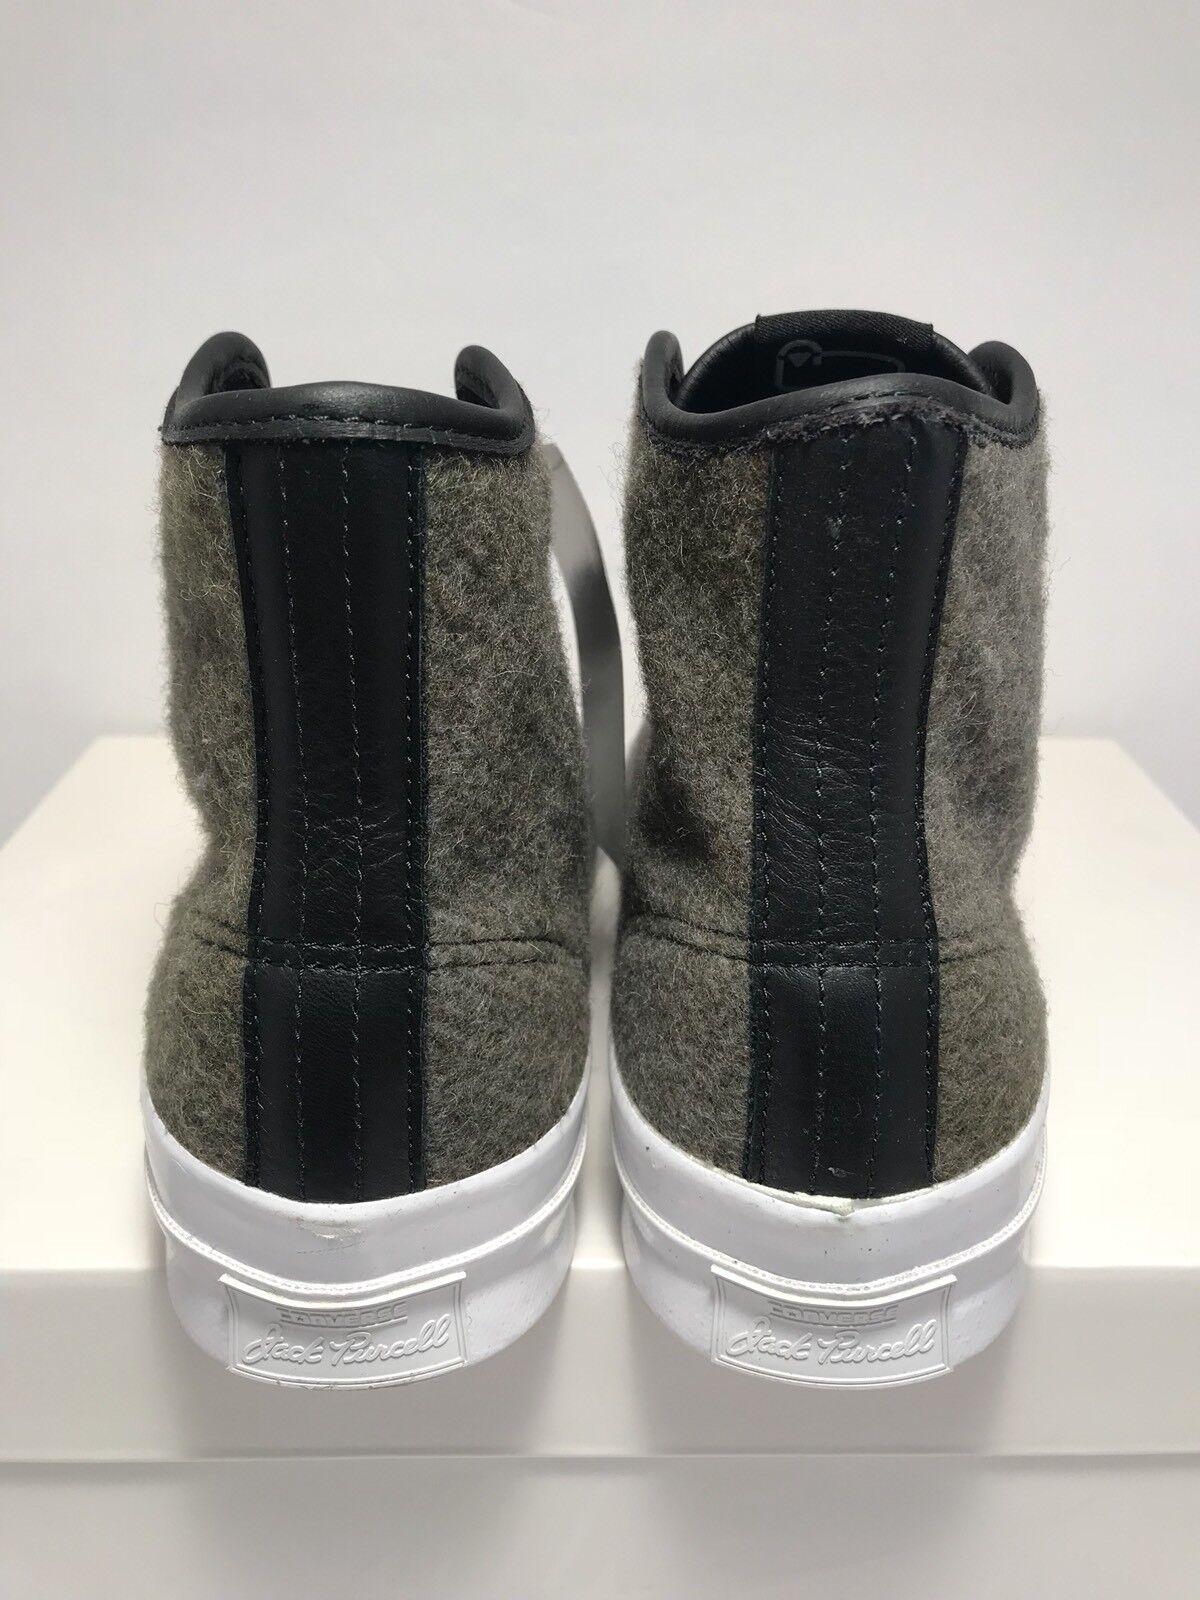 Converse - mens größe 10 stiefel jack purcell woolrich street stiefel 10 wolle neue weiß - schwarz 73fa6a